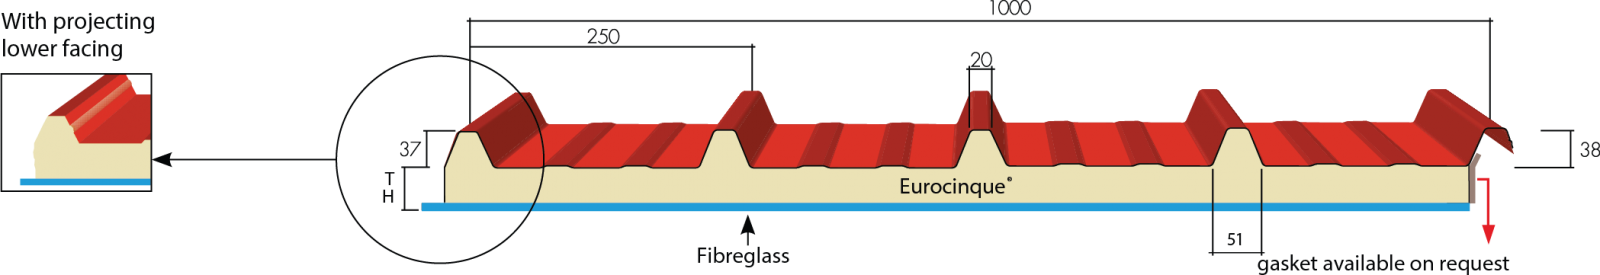 GLOBE ROOF FIBREGLASS